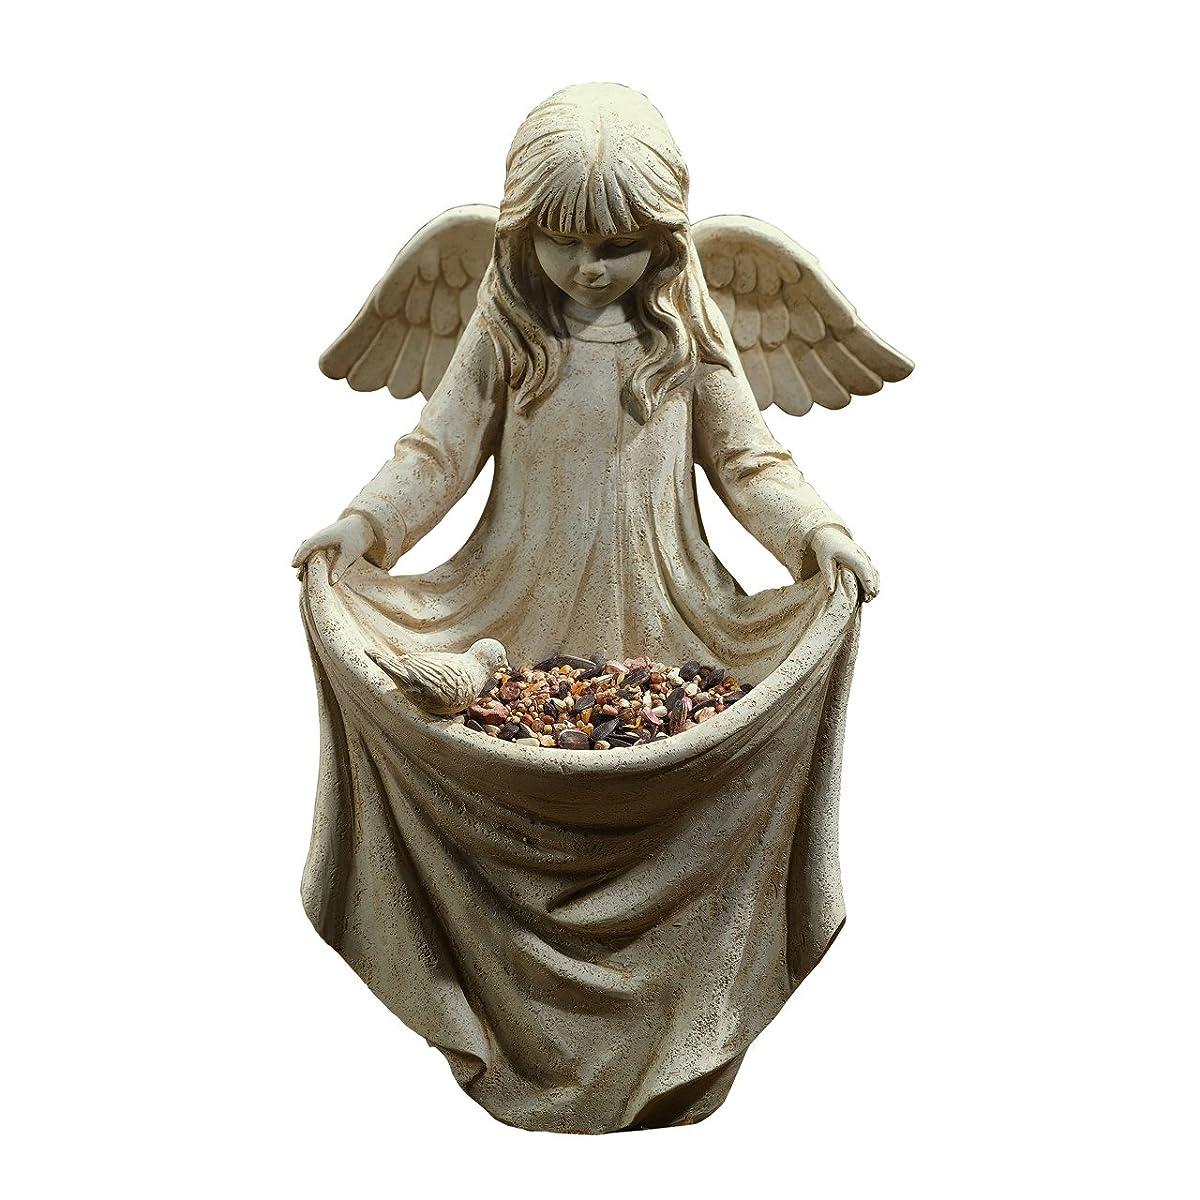 Grasslands Road Villa Cherub Girl Birdfeeder Statuary